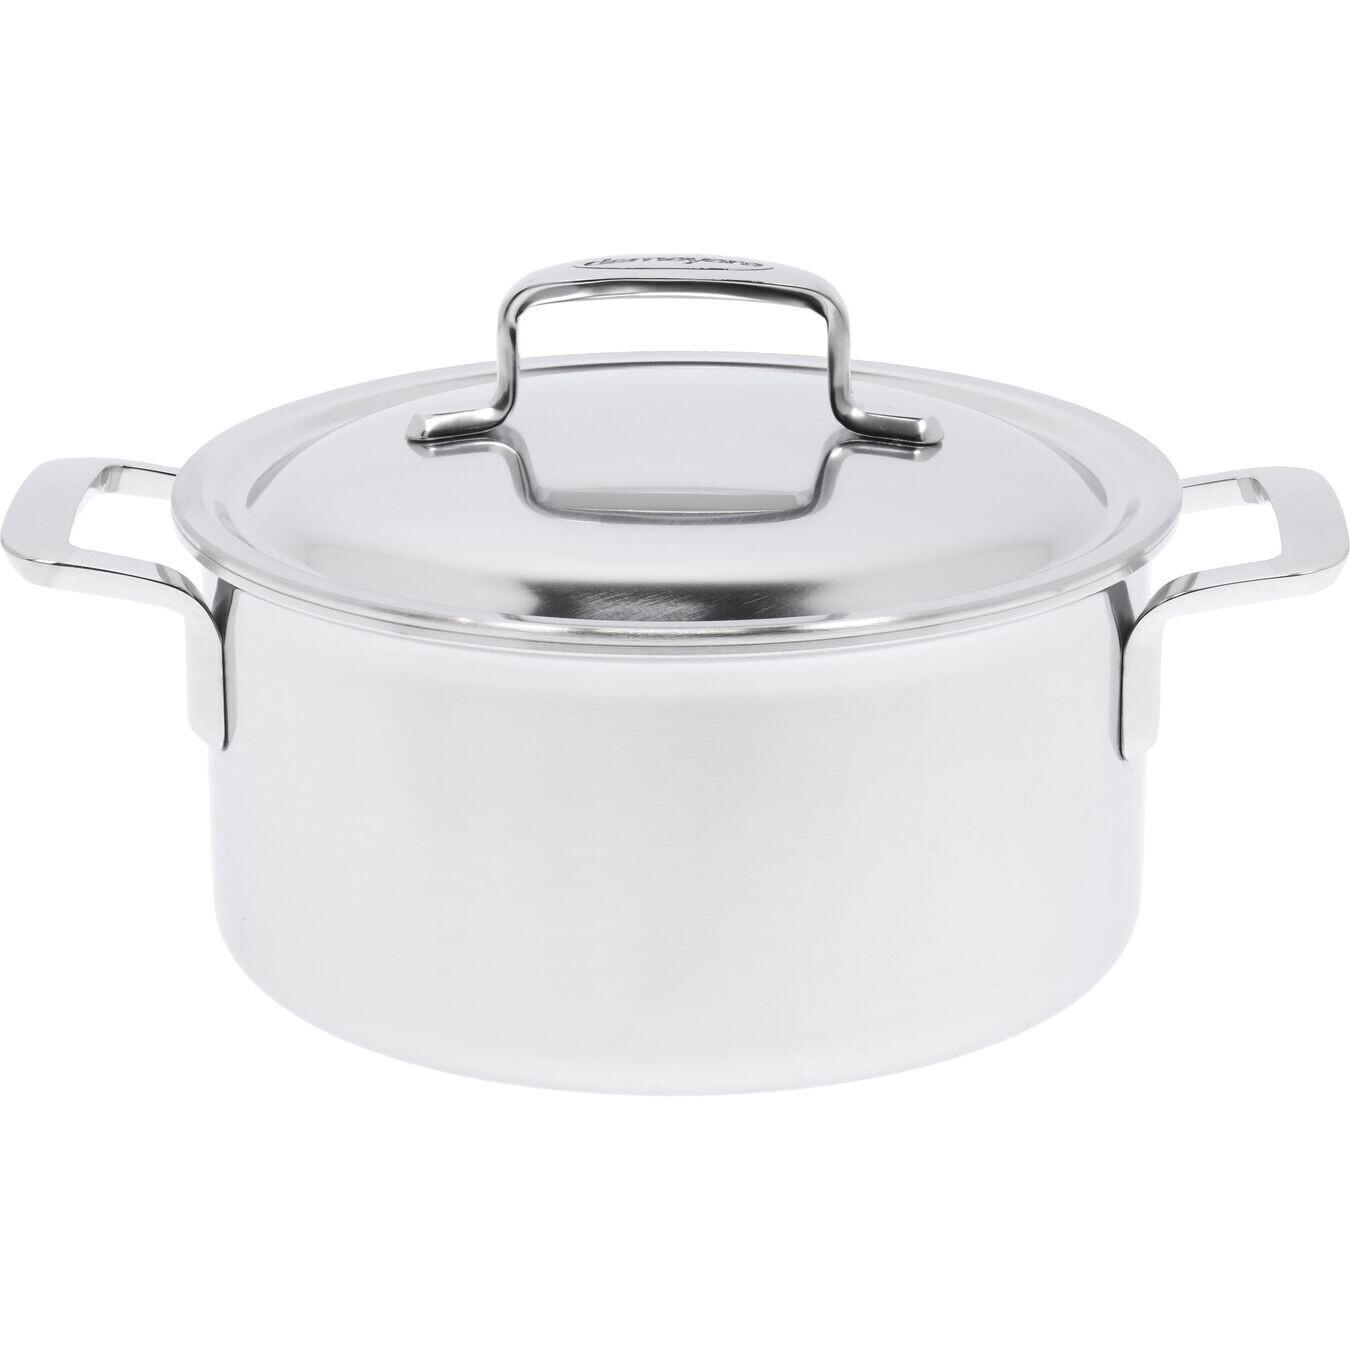 DEMEYERE 'intense 5' kookpot met dubbelwandig deksel 20cm / 3L